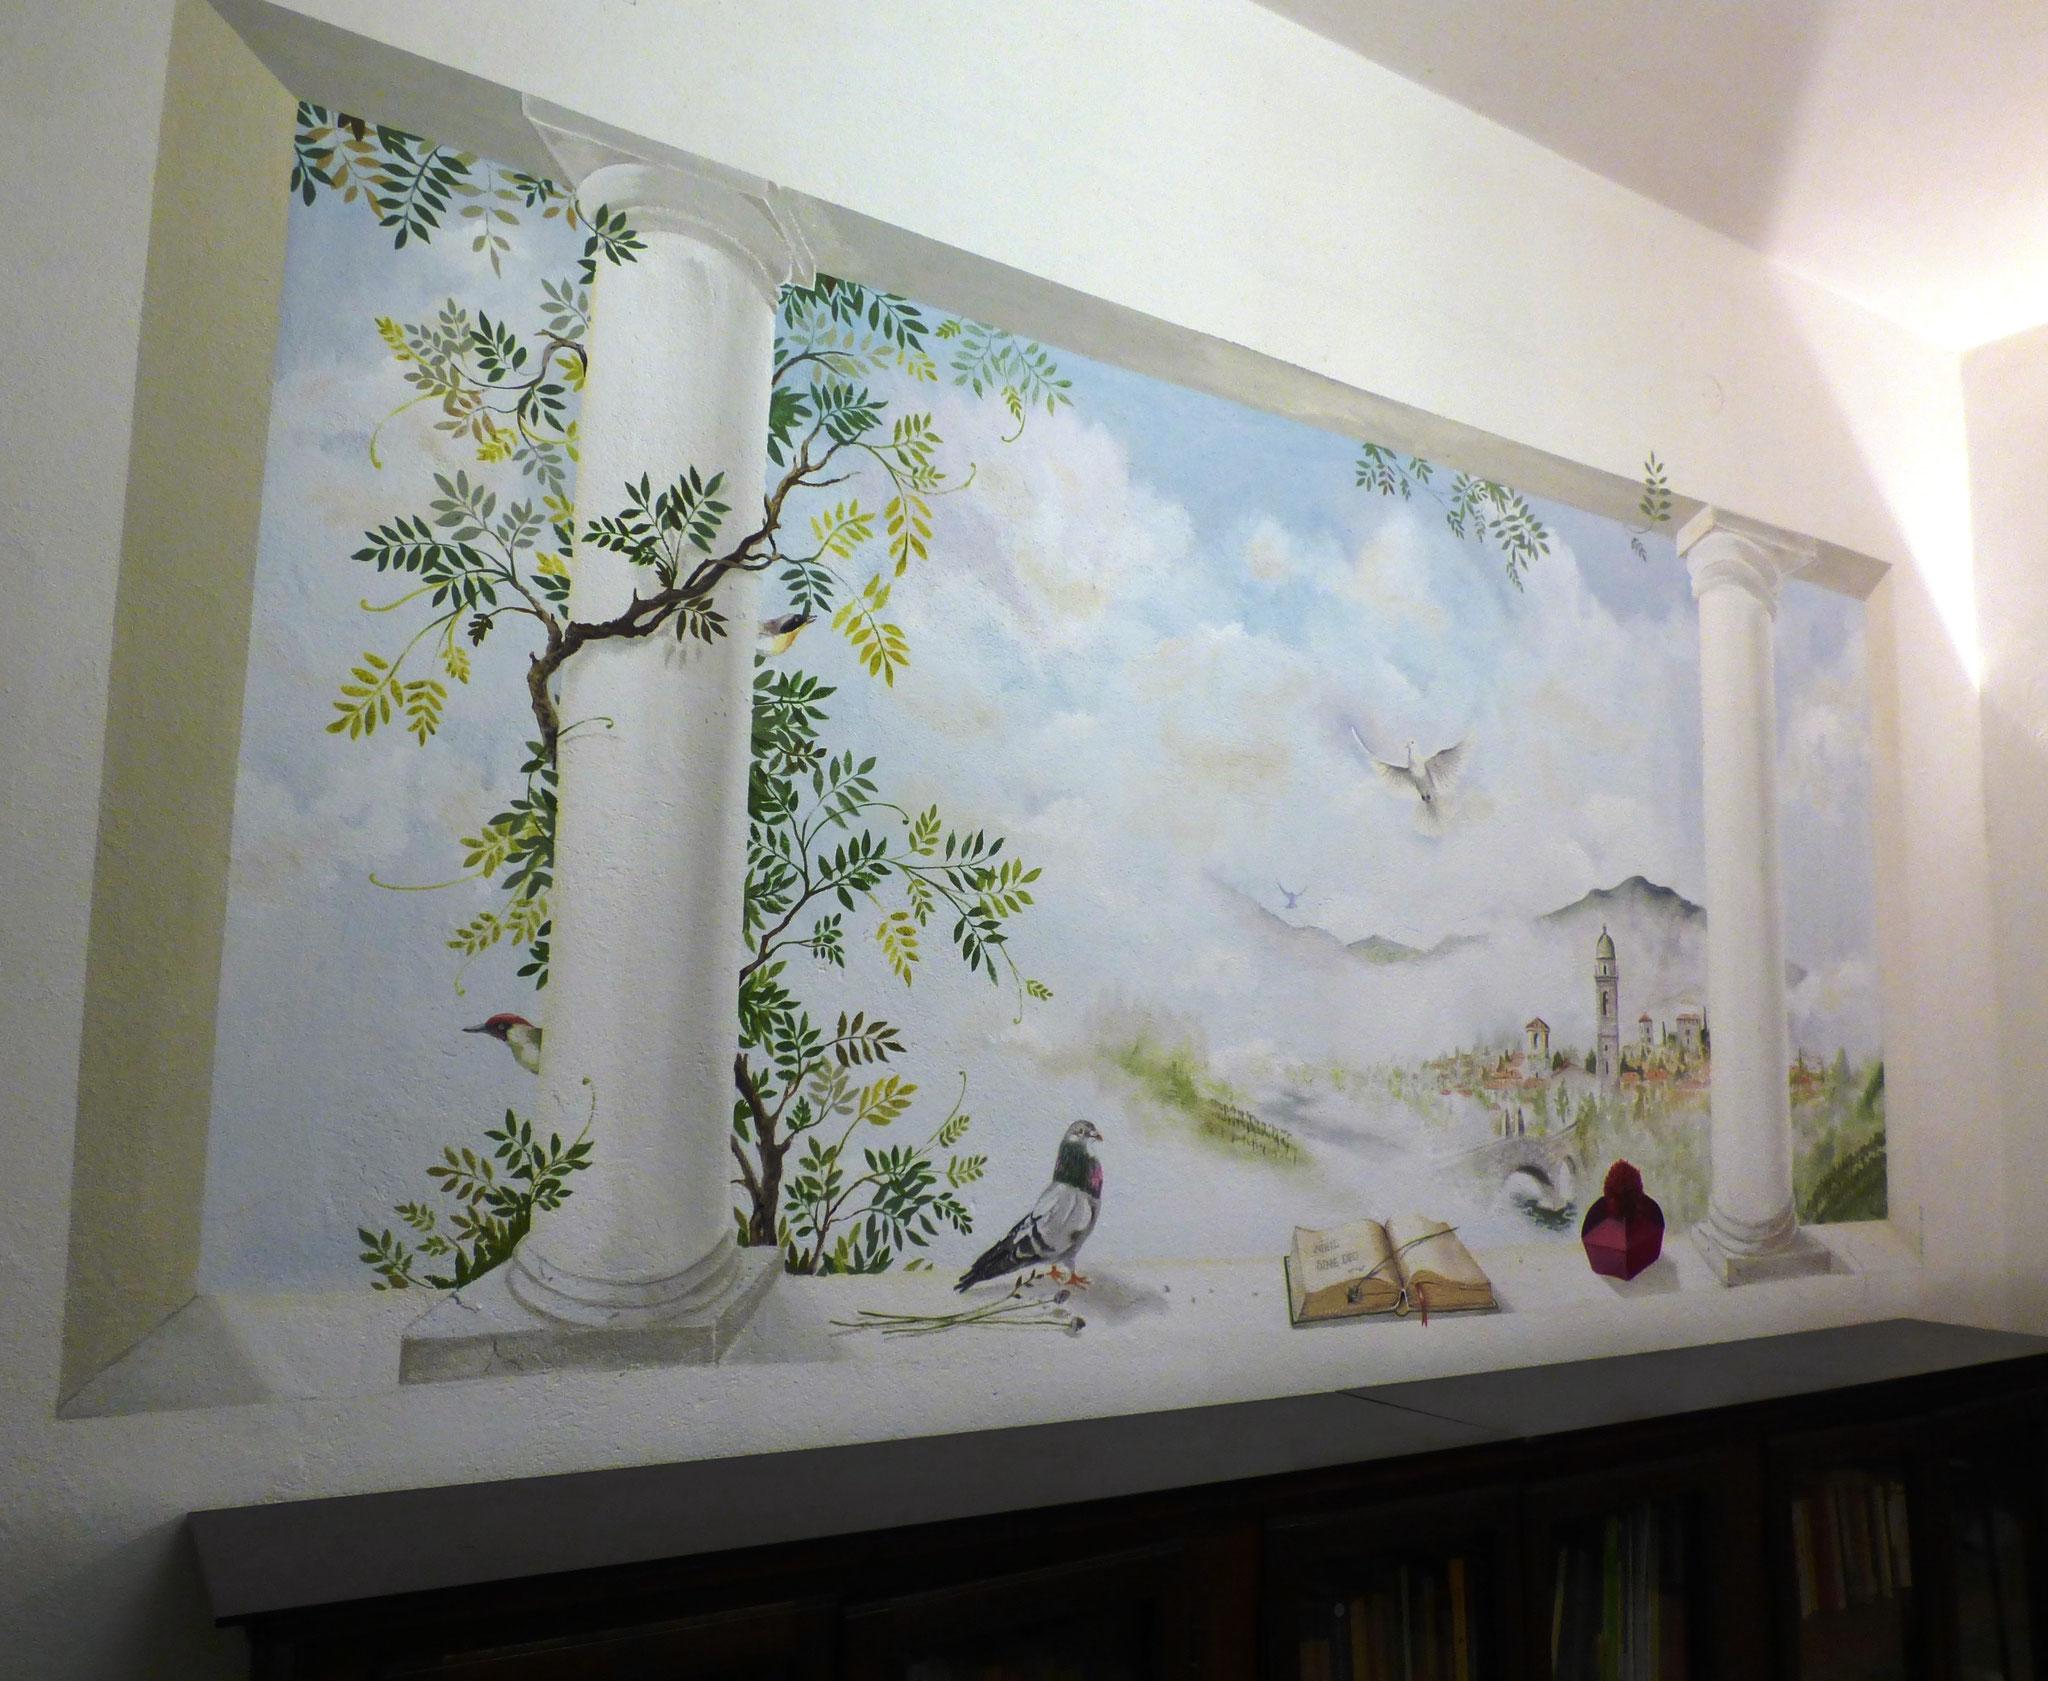 particolari del lavoro svolto dai corsisti di ArTre Artigiani Creativi Val Trebbia al seminario di Bobbio docente Susy Renzi